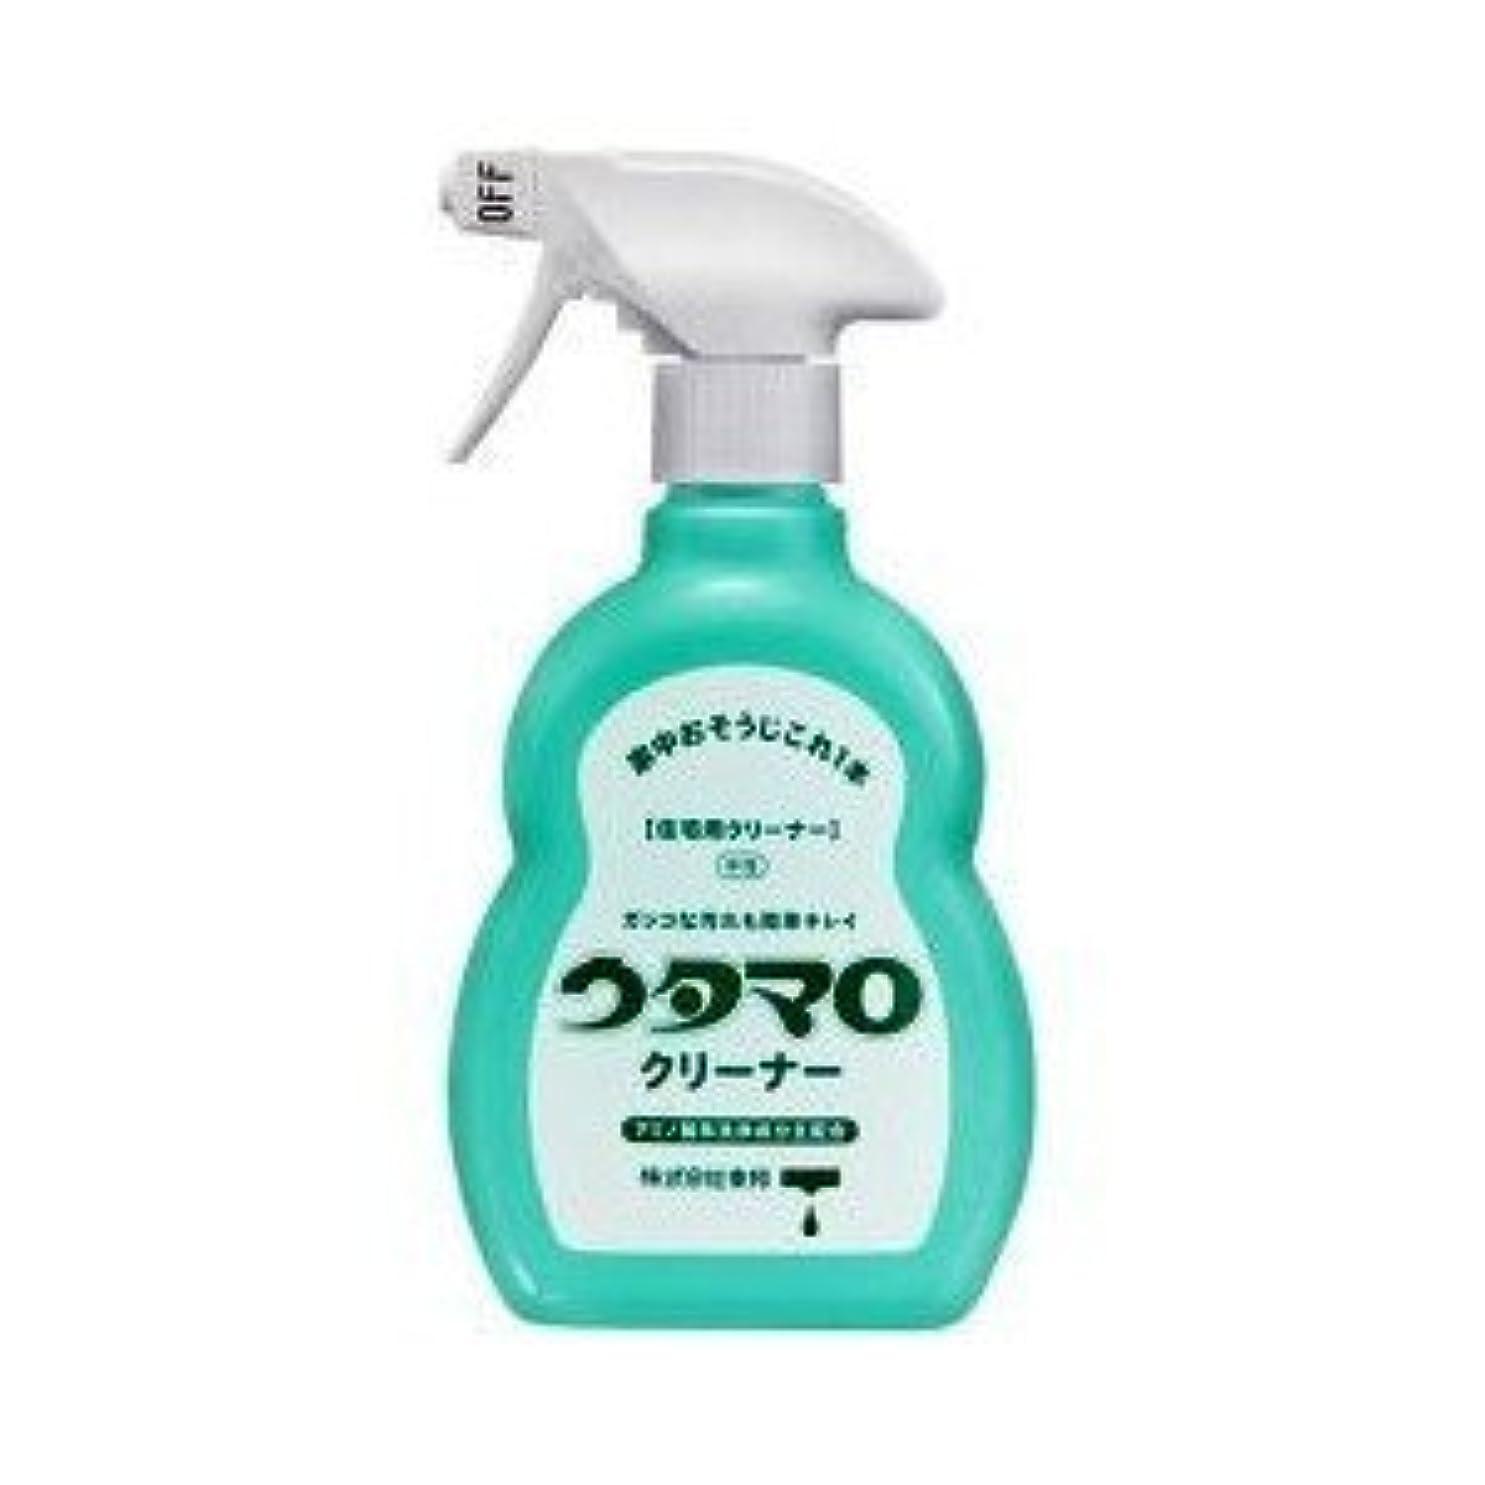 誤解賃金現金ウタマロ クリーナー 400ml 洗剤 住居用 アミノ酸系洗浄成分主配合 さわやかなグリーンハーブの香り